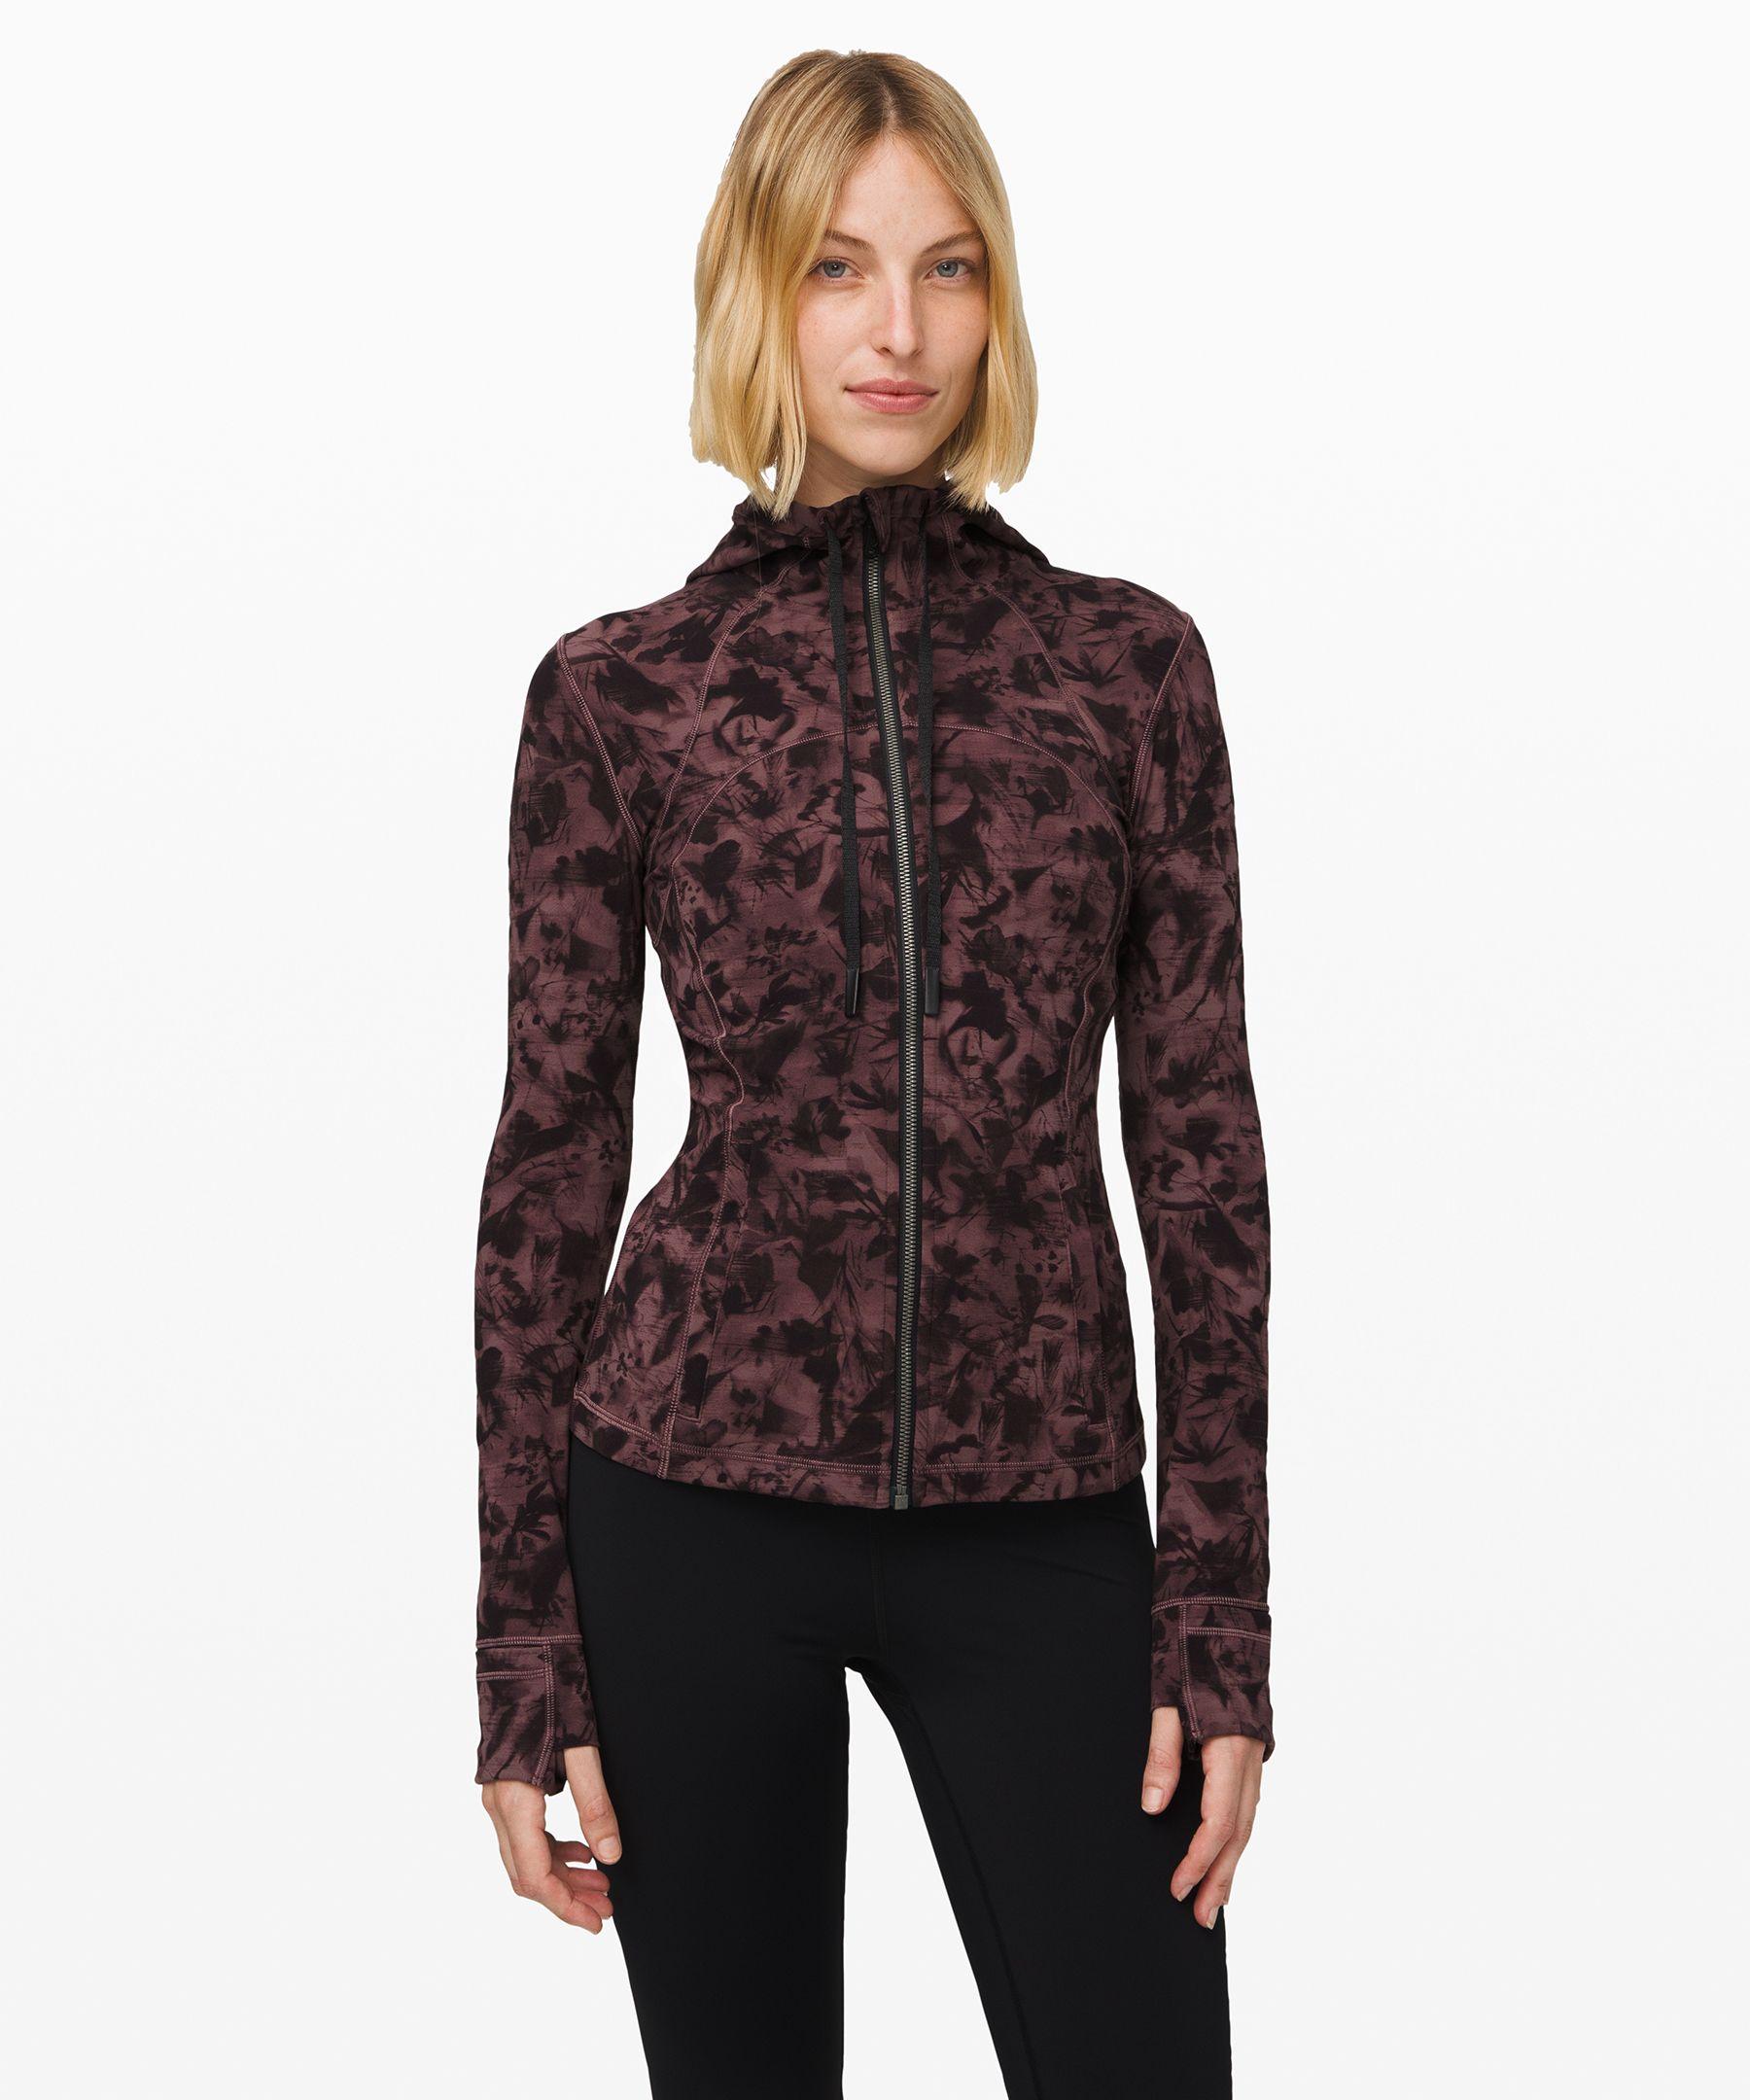 Lululemon Hooded Define Jacket *nulu In Mini Dusk Floral Antique Bark Black